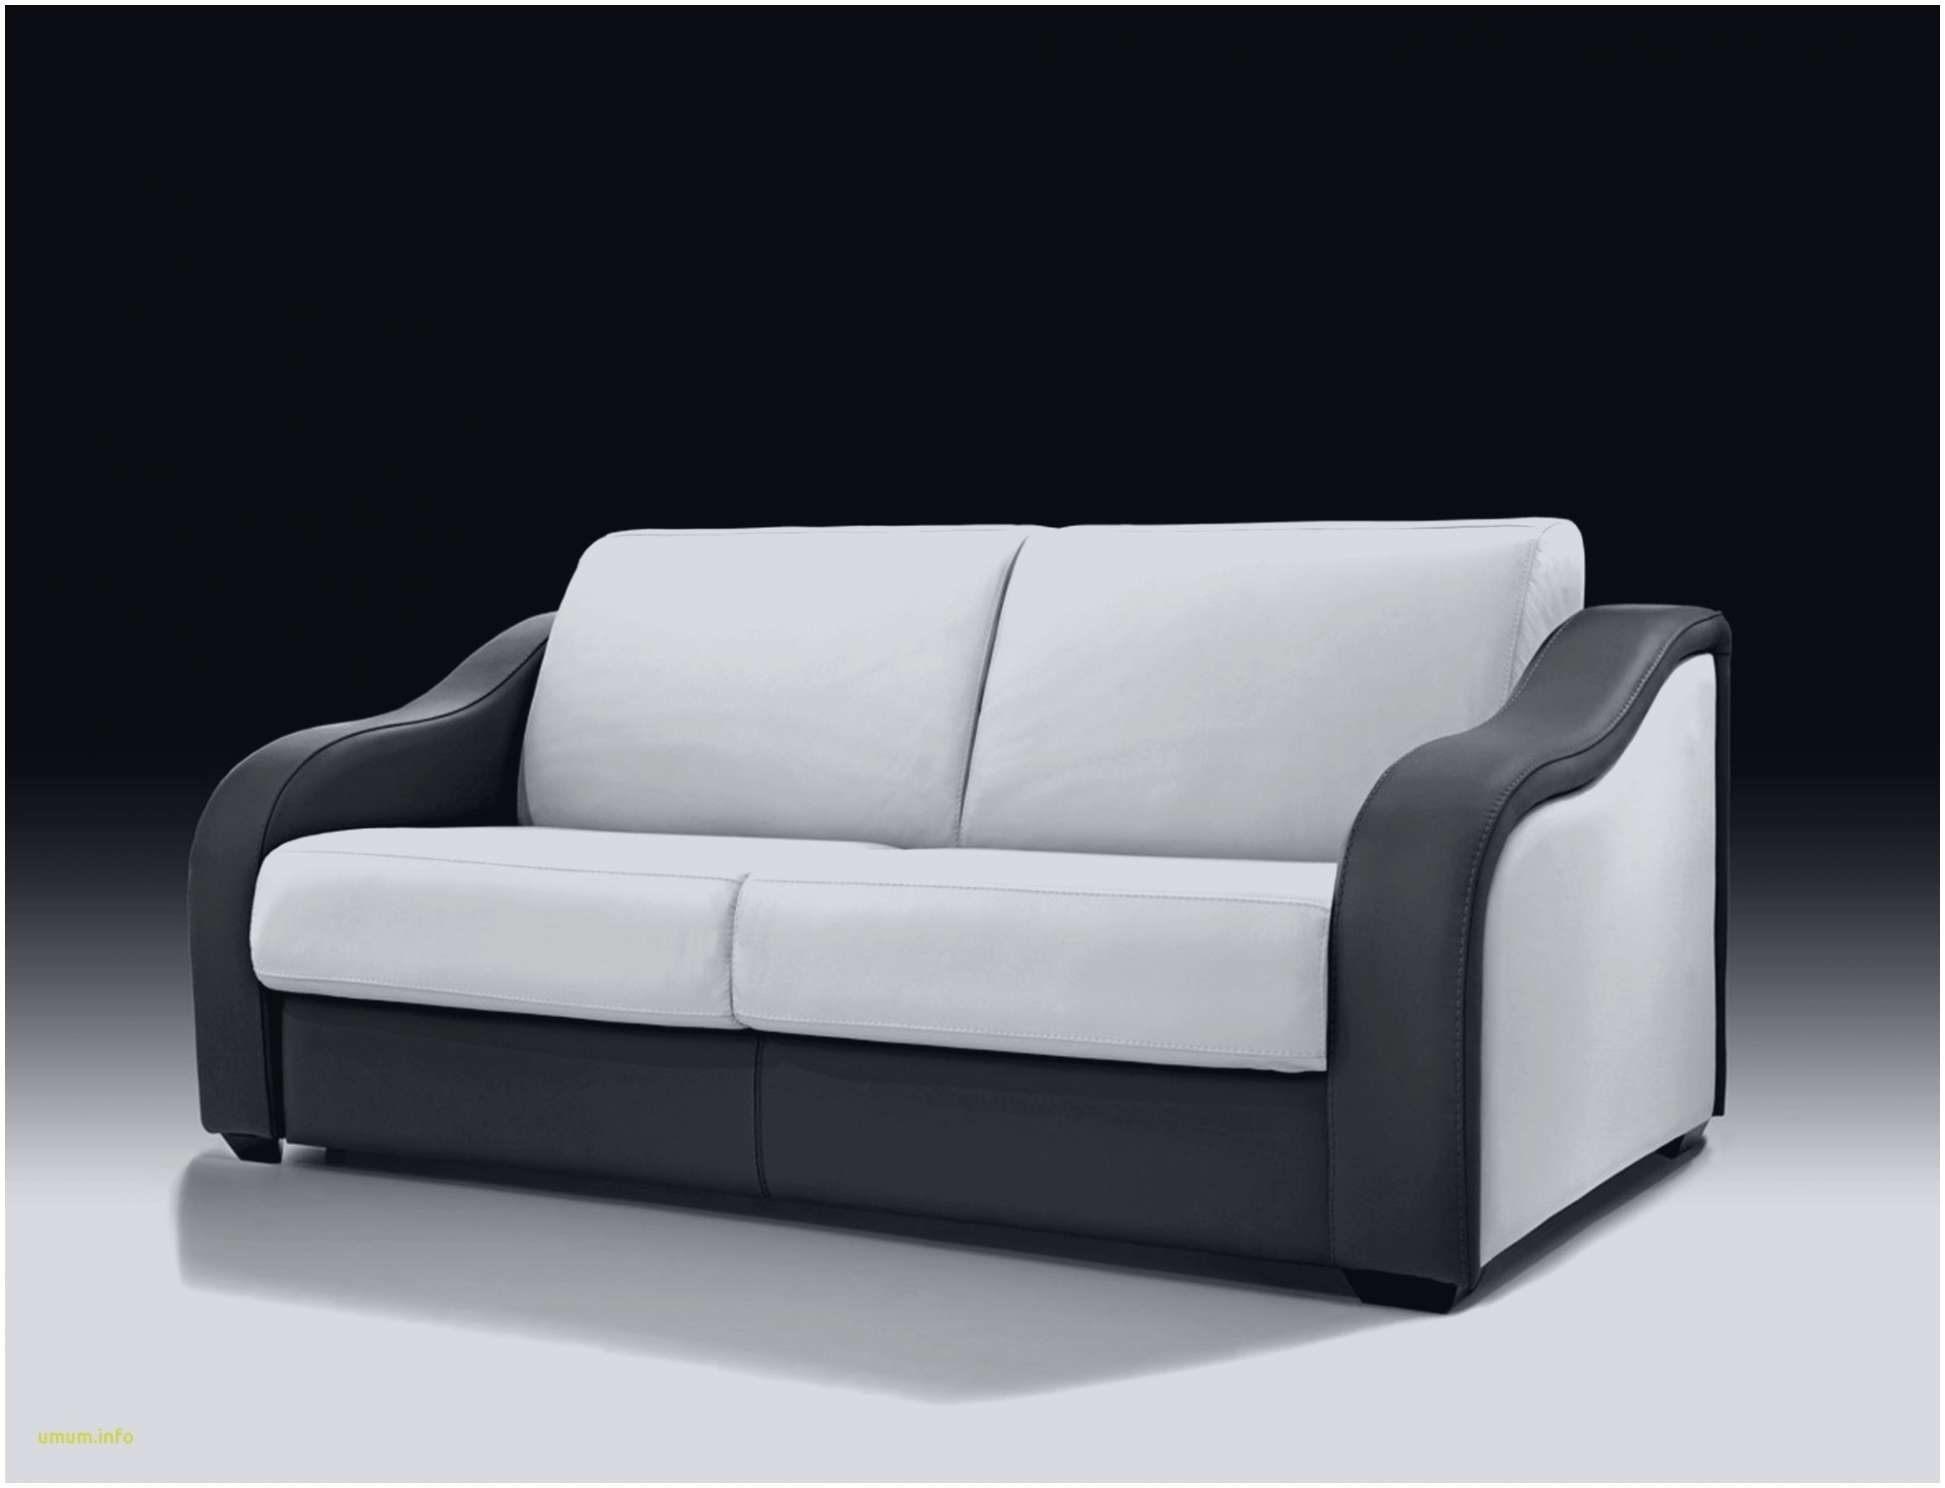 Lit Fer forgé 160×200 Belle Unique Ikea Canapé D Angle Convertible Beau Image Lit 2 Places 25 23